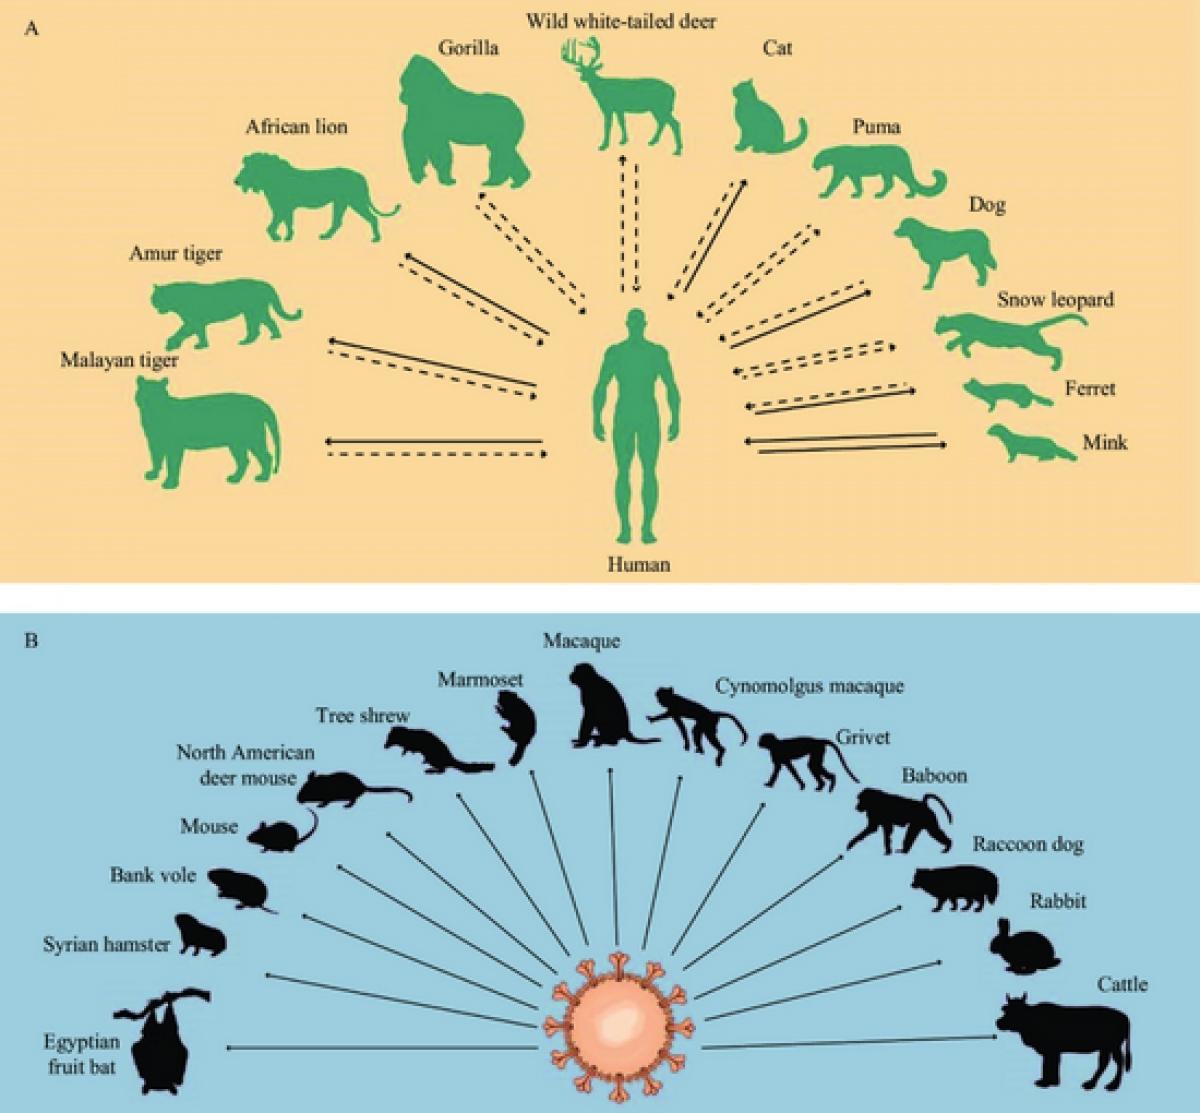 Hình ảnh minh họa sự lây lan của SARS-CoV-2 ở người và động vật.